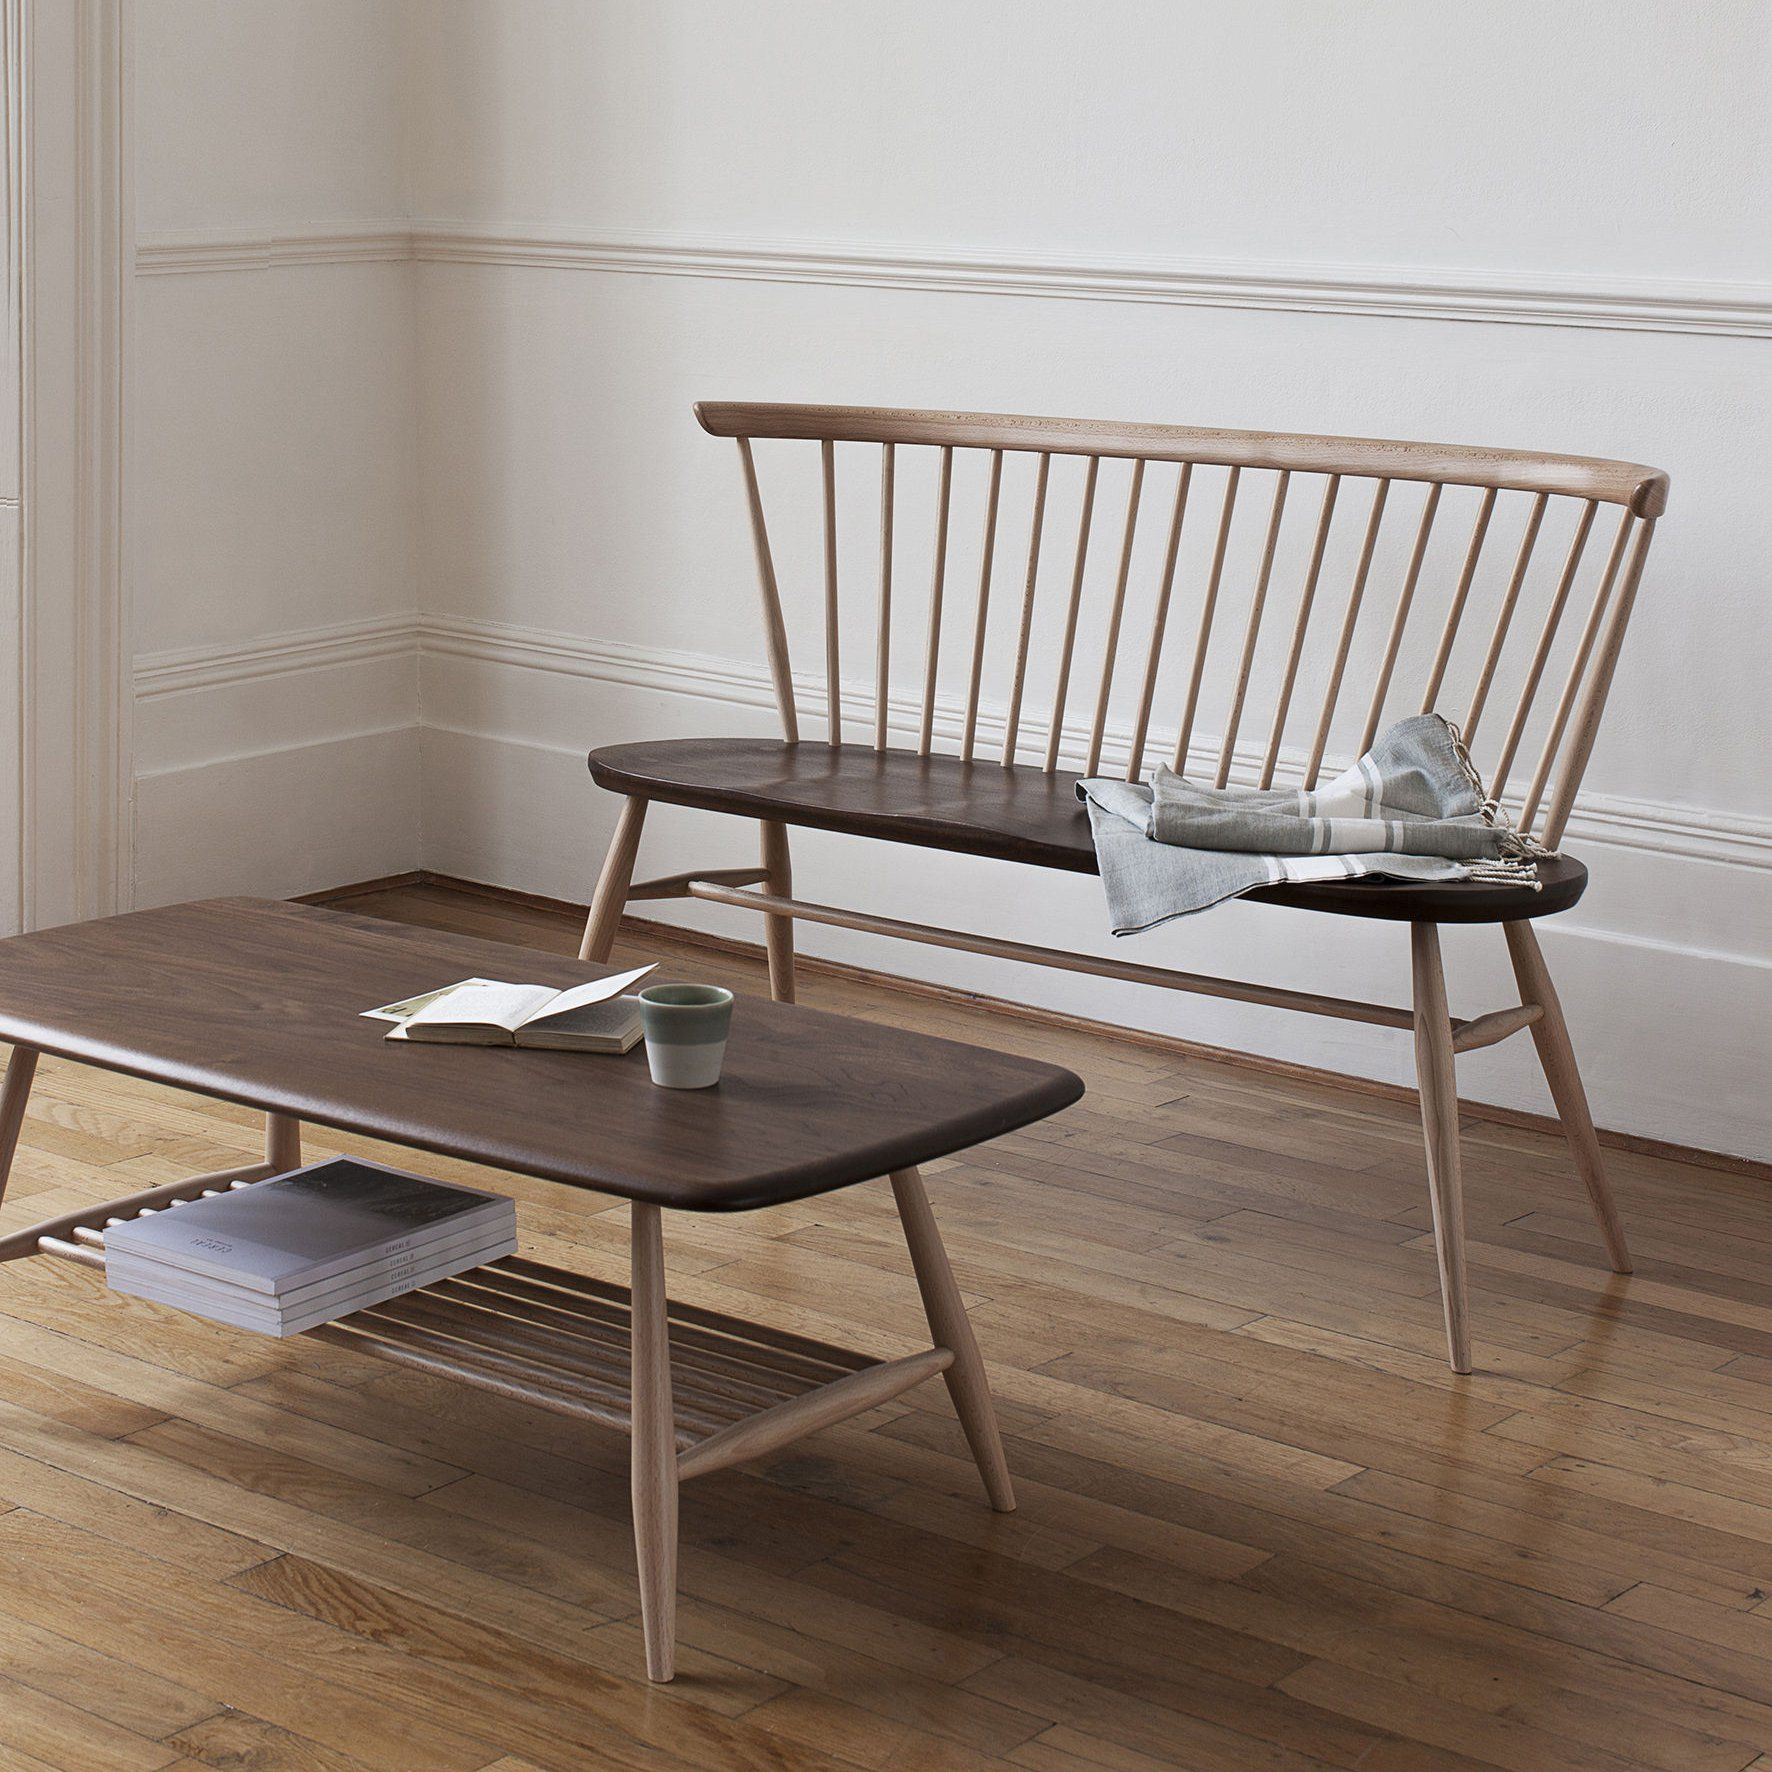 Une Table Basse Rectangulaire En Bois Fonc Avec Banquette En Bois  # Banquette En Bois Design